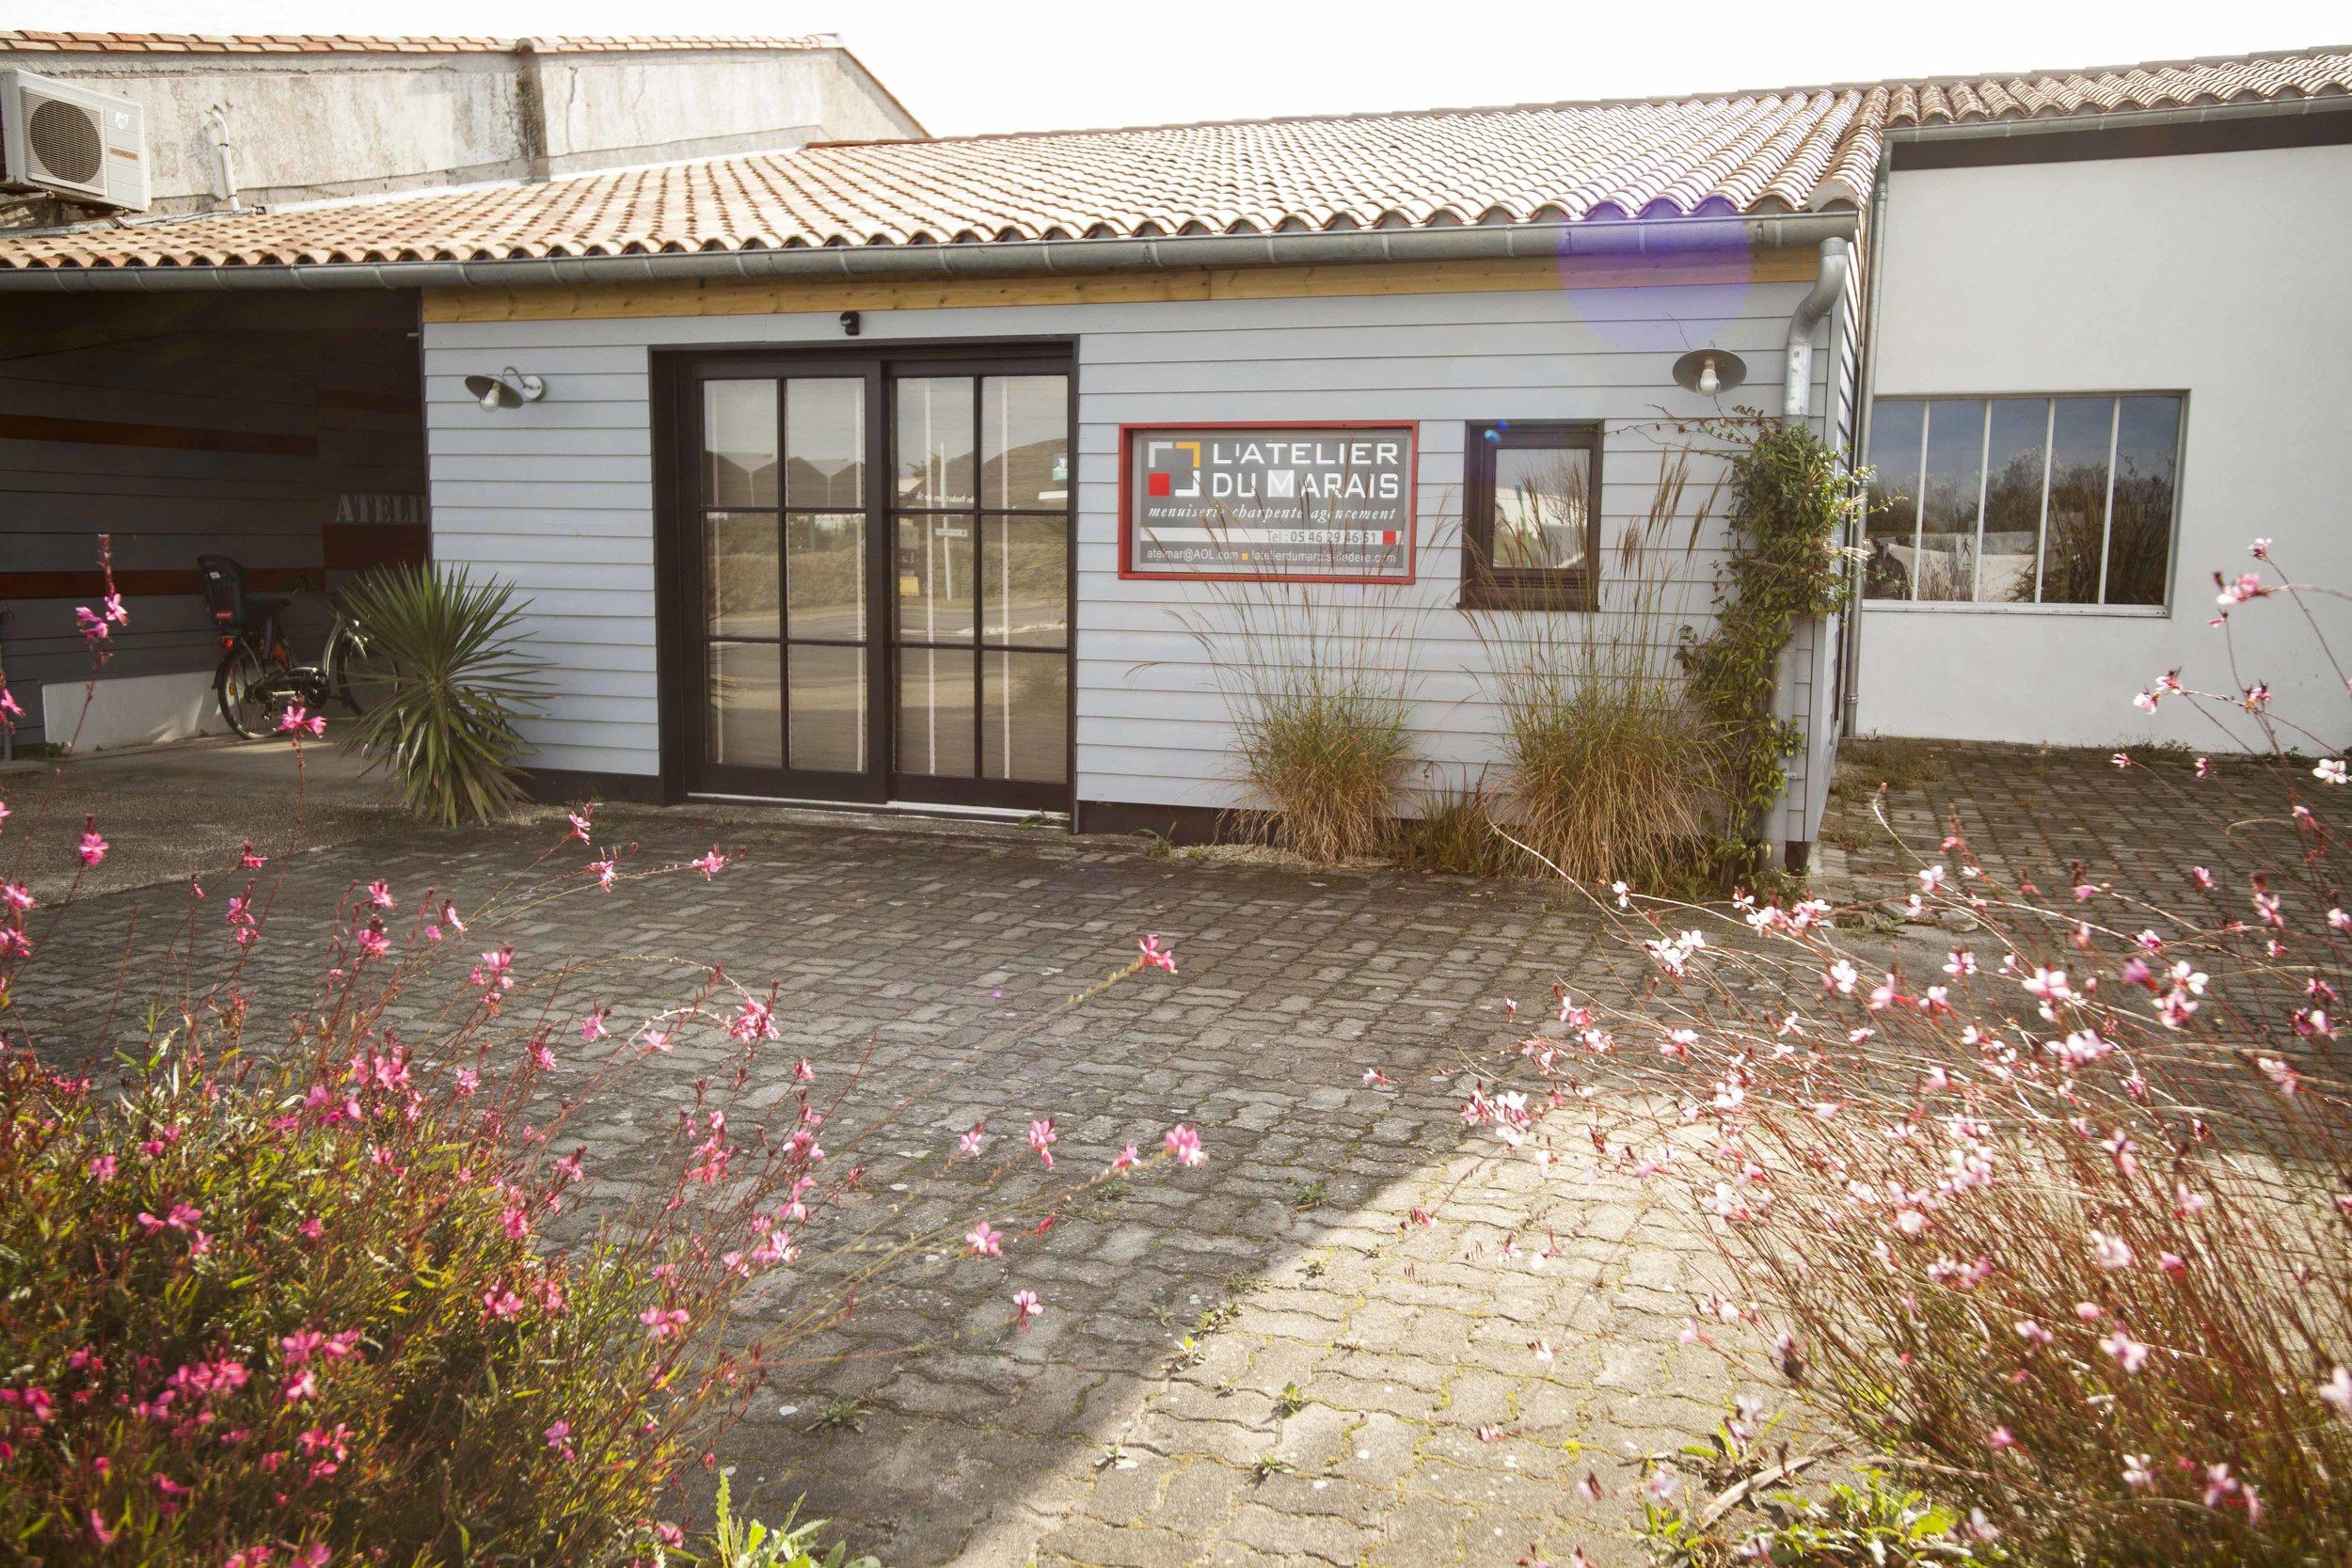 Locaux-Atelier-du-marais-ile-de-re (1).jpg